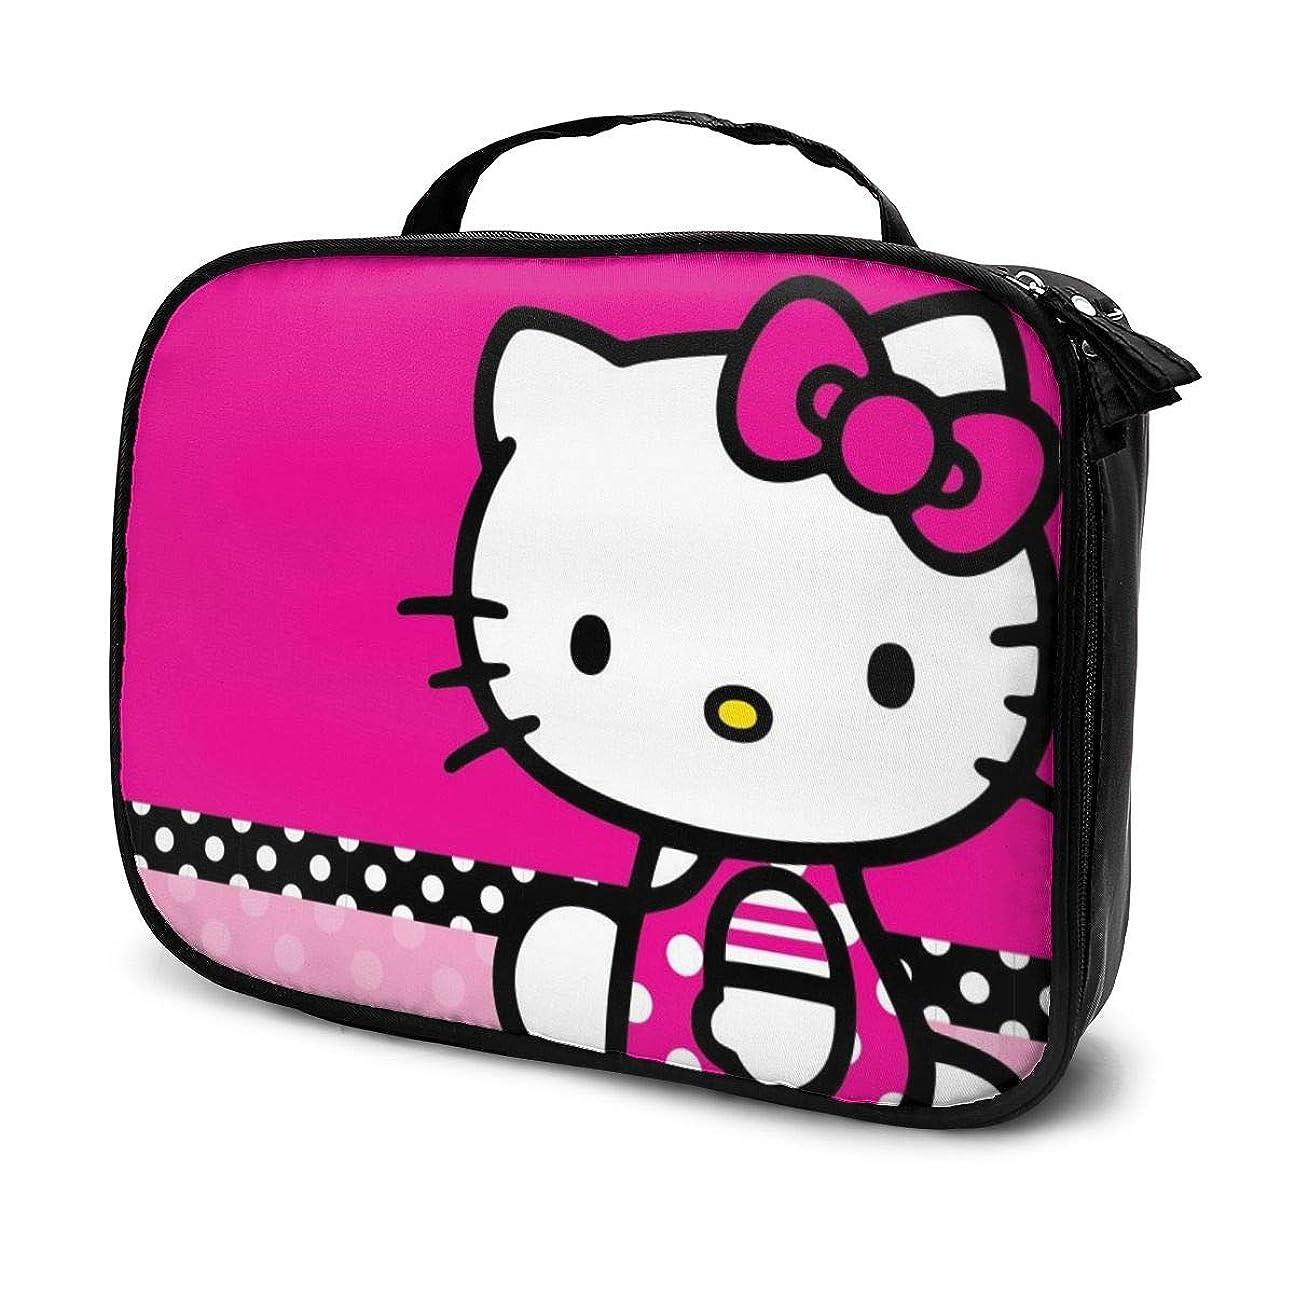 勃起封筒欲しいですDaituハローキティ 化粧品袋の女性旅行バッグ収納大容量防水アクセサリー旅行